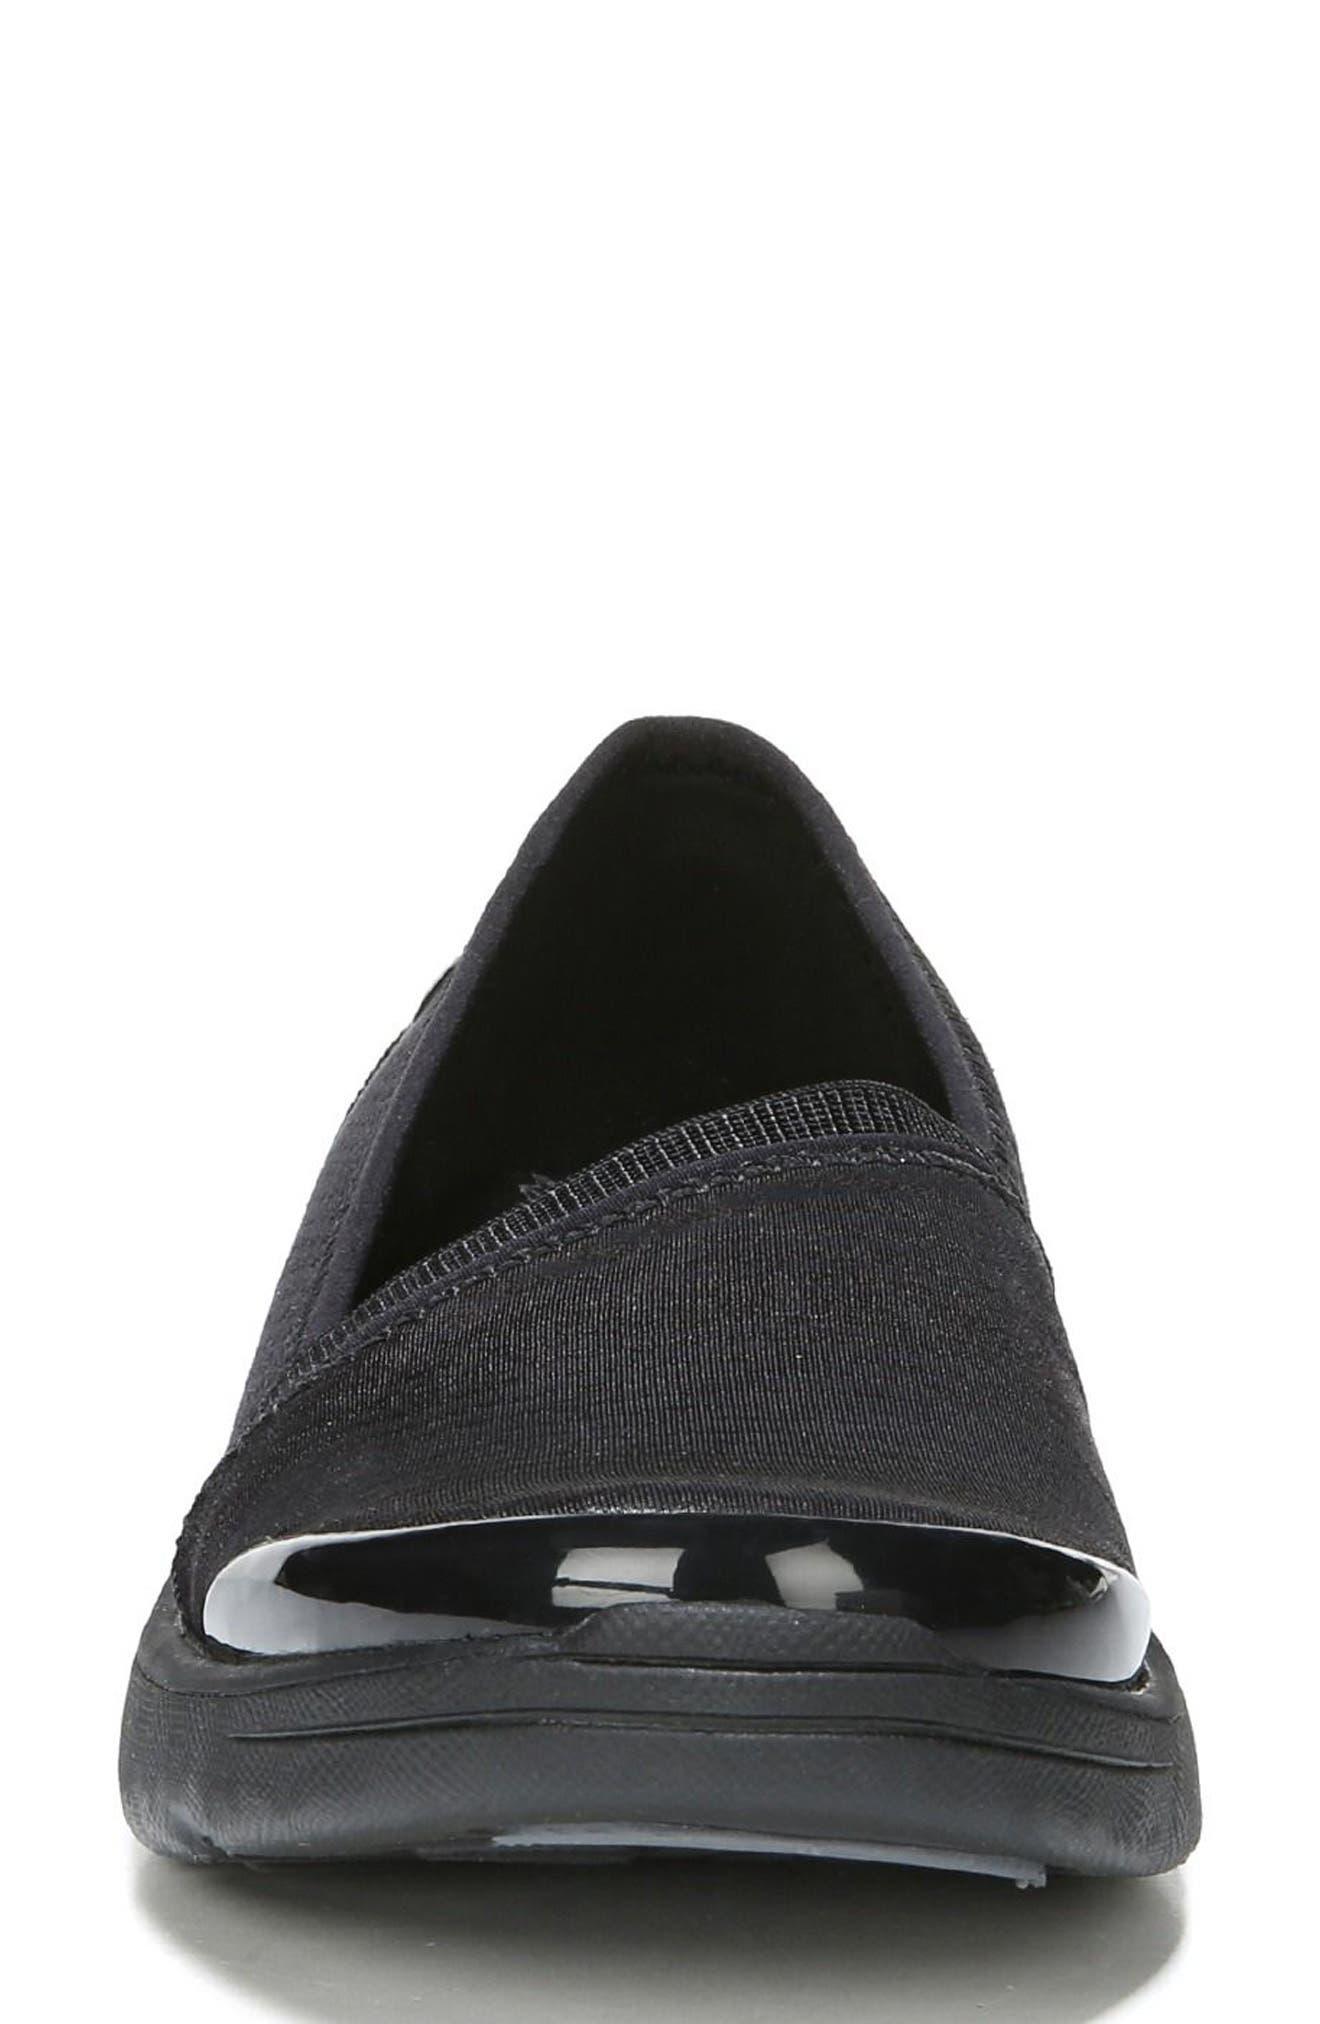 Lollipop Slip-On Sneaker,                             Alternate thumbnail 4, color,                             BLACK FABRIC